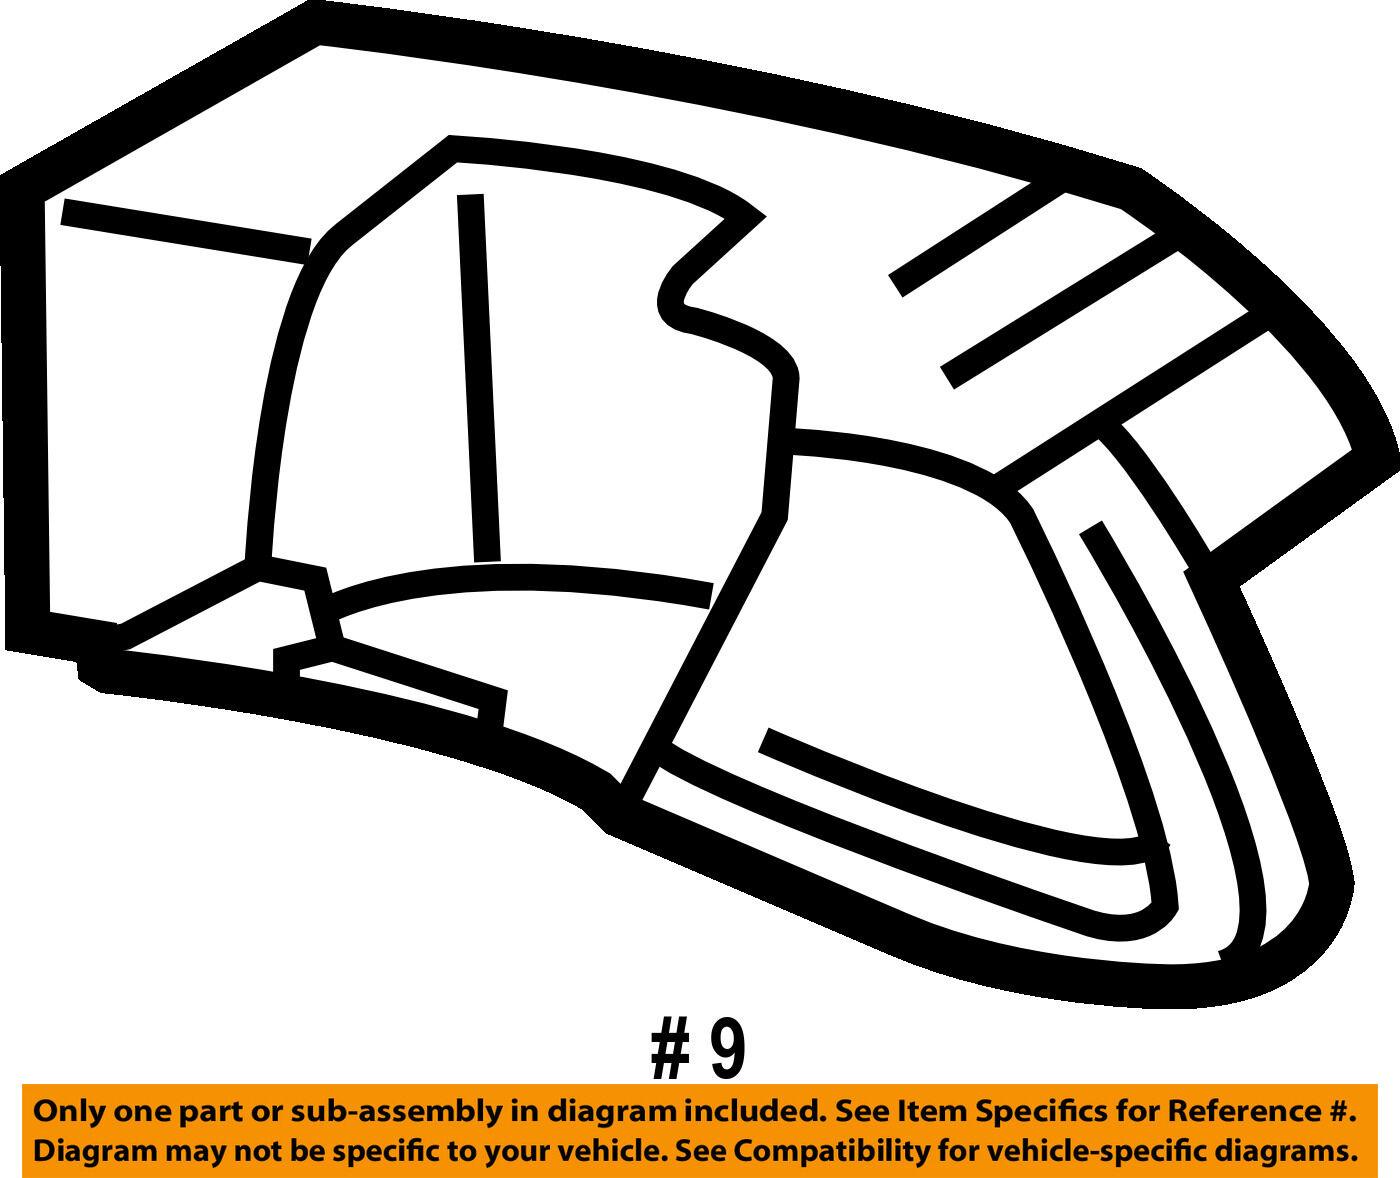 99 vw cabrio wiring diagram database VW Cabrio Starter 95 99 vw mk3 jetta golf cabrio interior right door handle black 1h0 99 vw cabrio mpg 99 vw cabrio